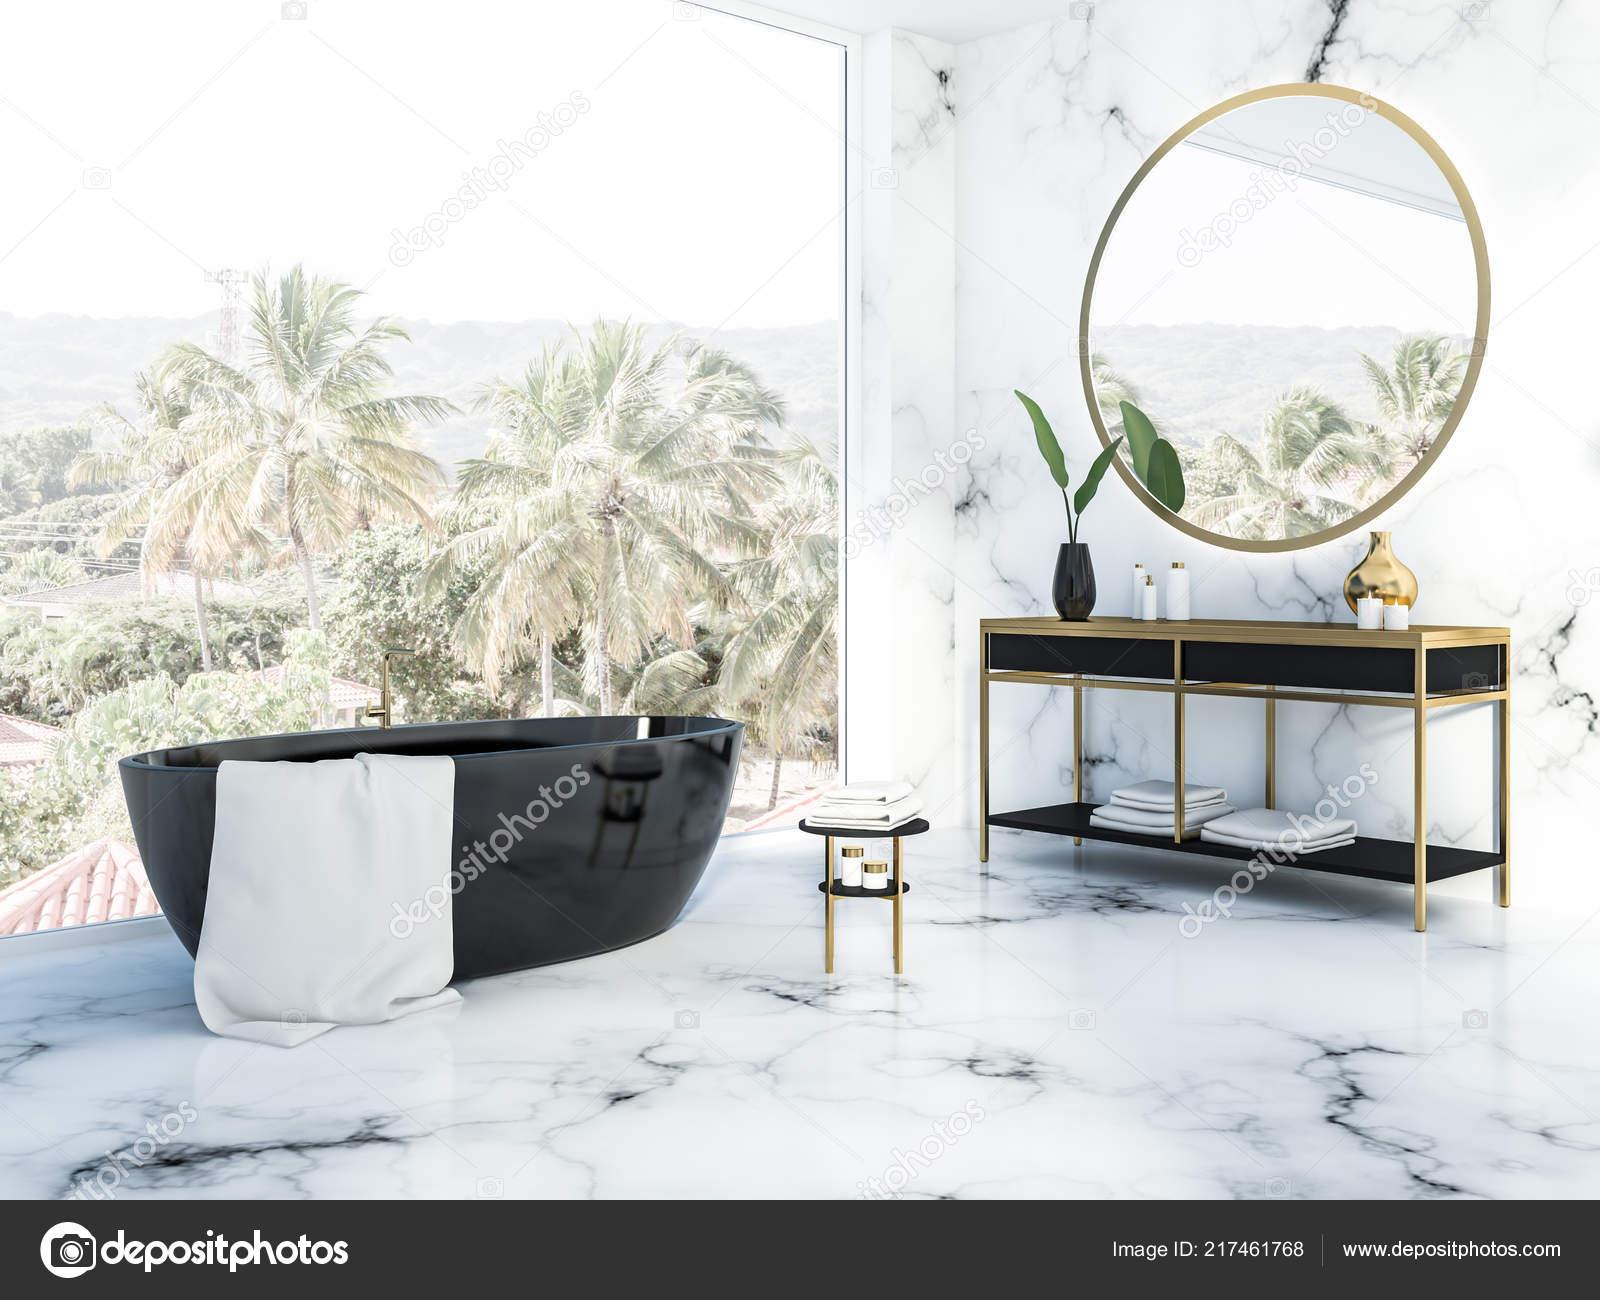 Vasca Da Bagno Marmo : Angolo del bagno marmo bianco con una vasca bagno nera u foto